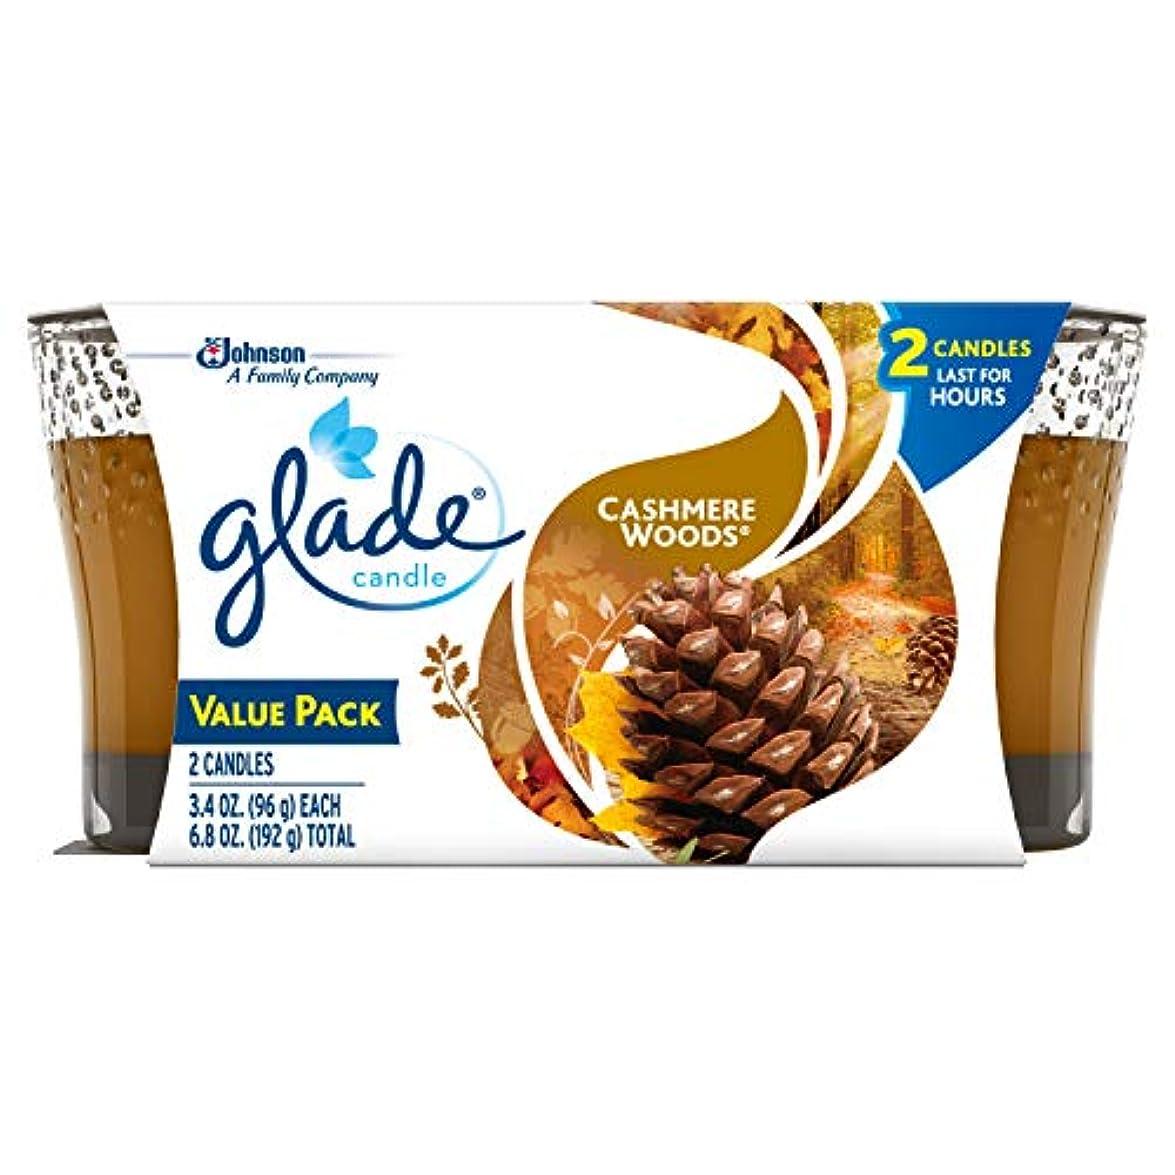 物理的に統計的恐怖Glade Jar Candle Air Freshener, Cashmere Woods, 2 count, 6.8 Ounce by Glade